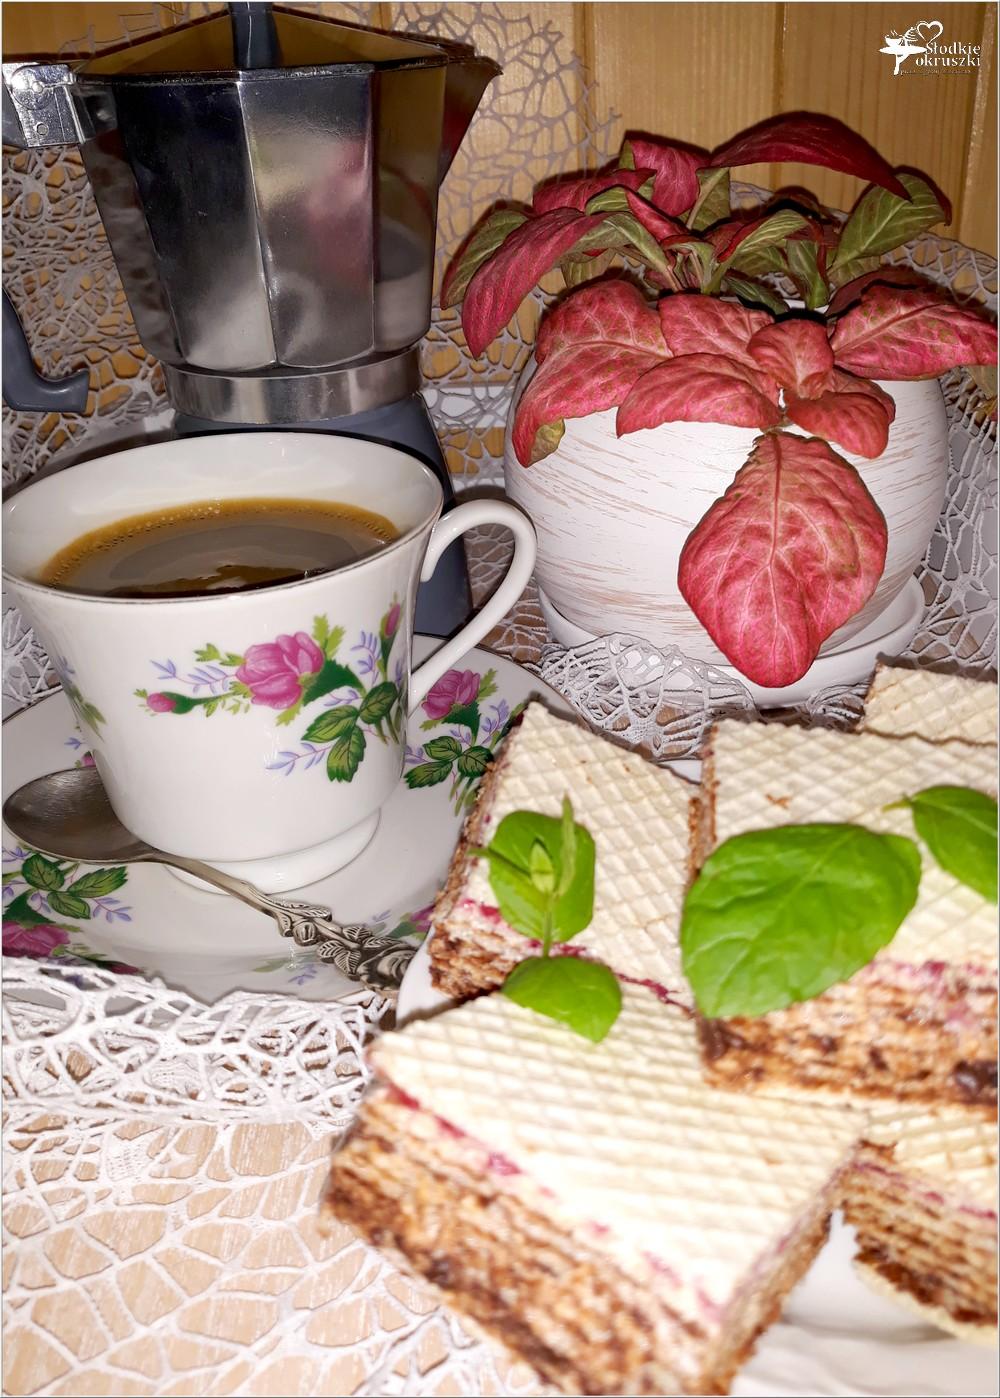 Dobra kawa i... coś słodkiego. 3 pyszne propozycje + przepis na syrop piernikowy (2)